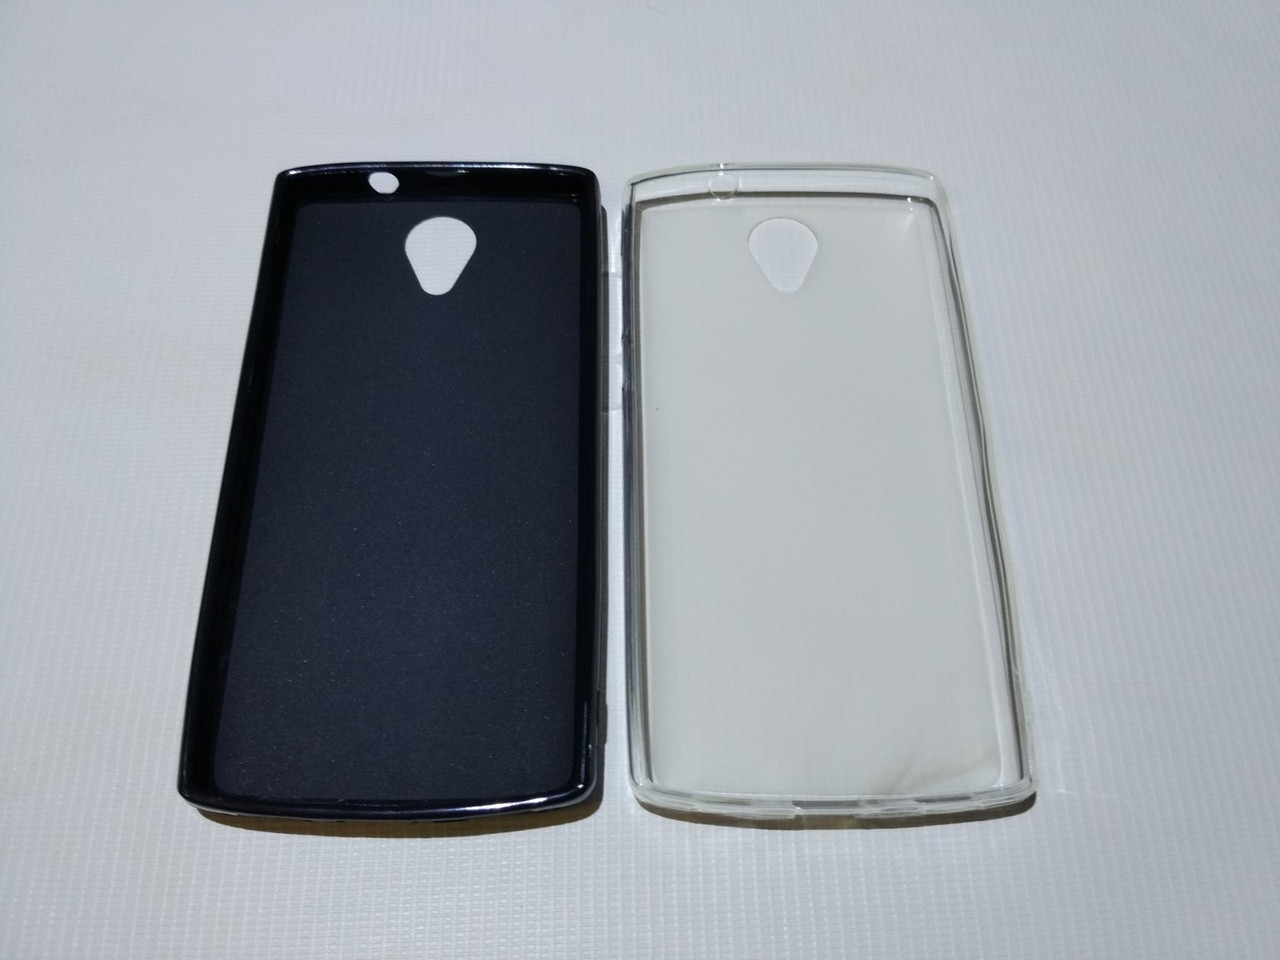 Силиконовый чехол бампер для Homtom HT7, HT7 Pro, Ergo A550 Maxx (черн